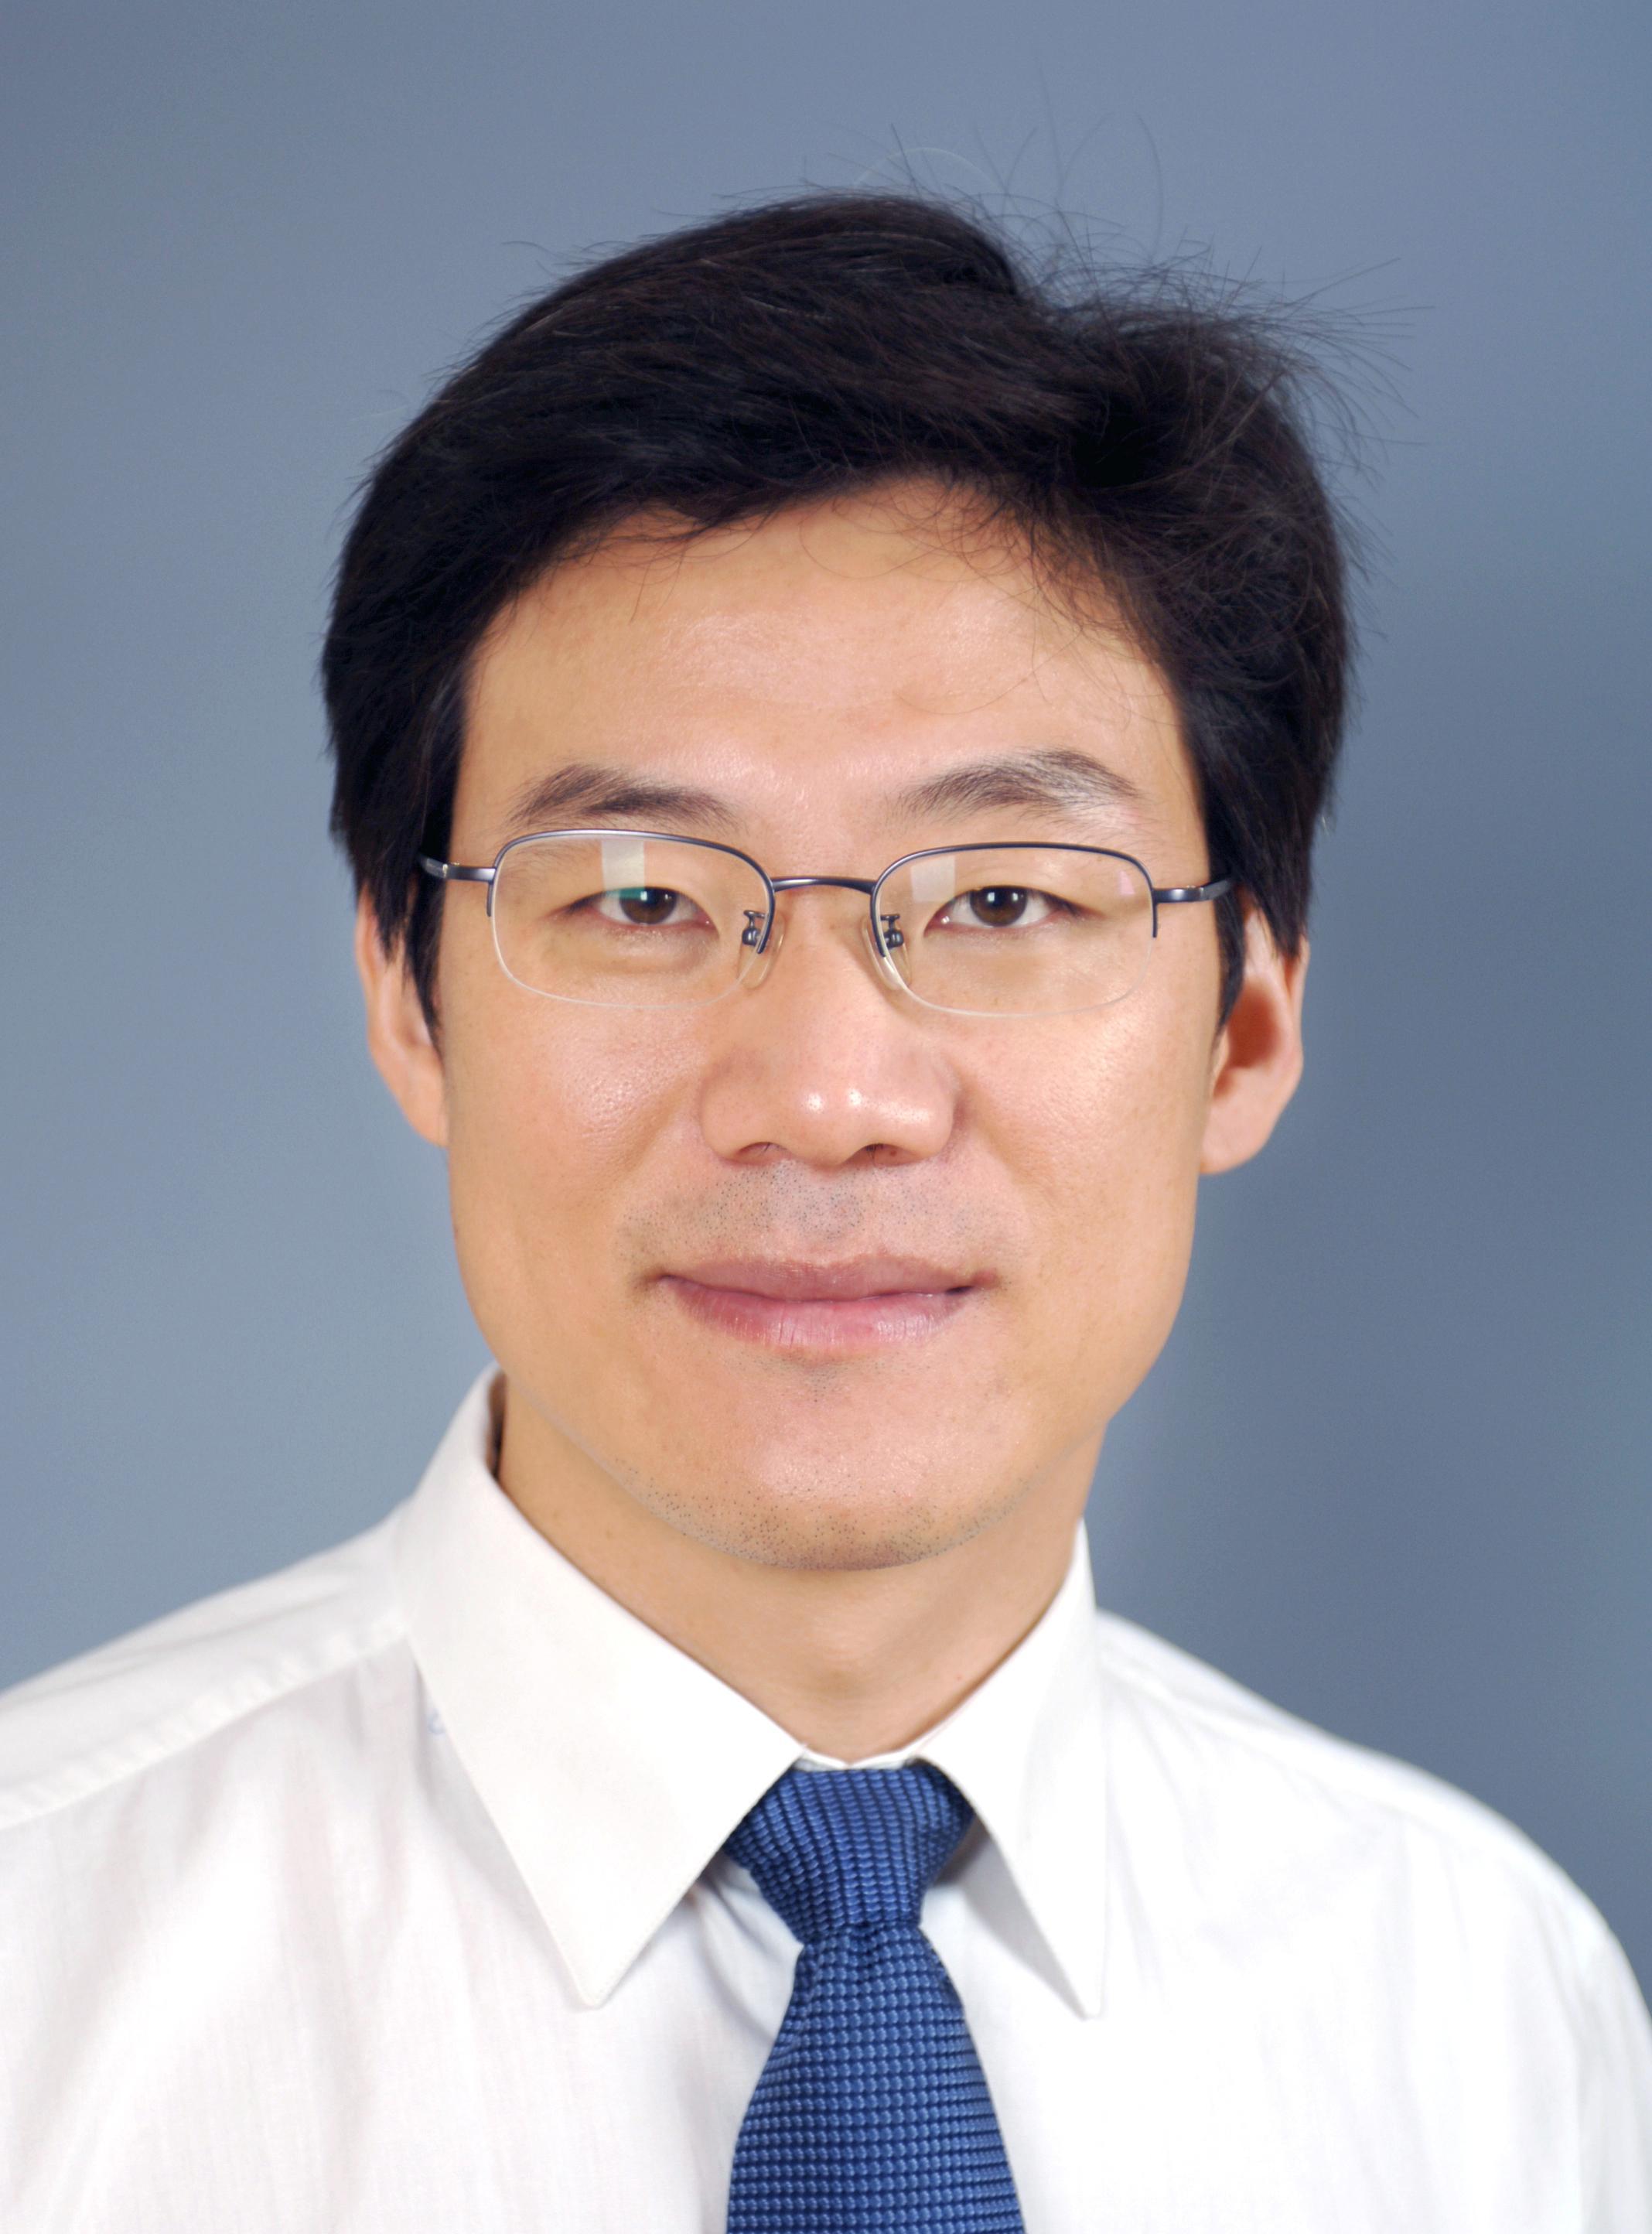 浙江大学附属第一医院检验科主任陈瑜